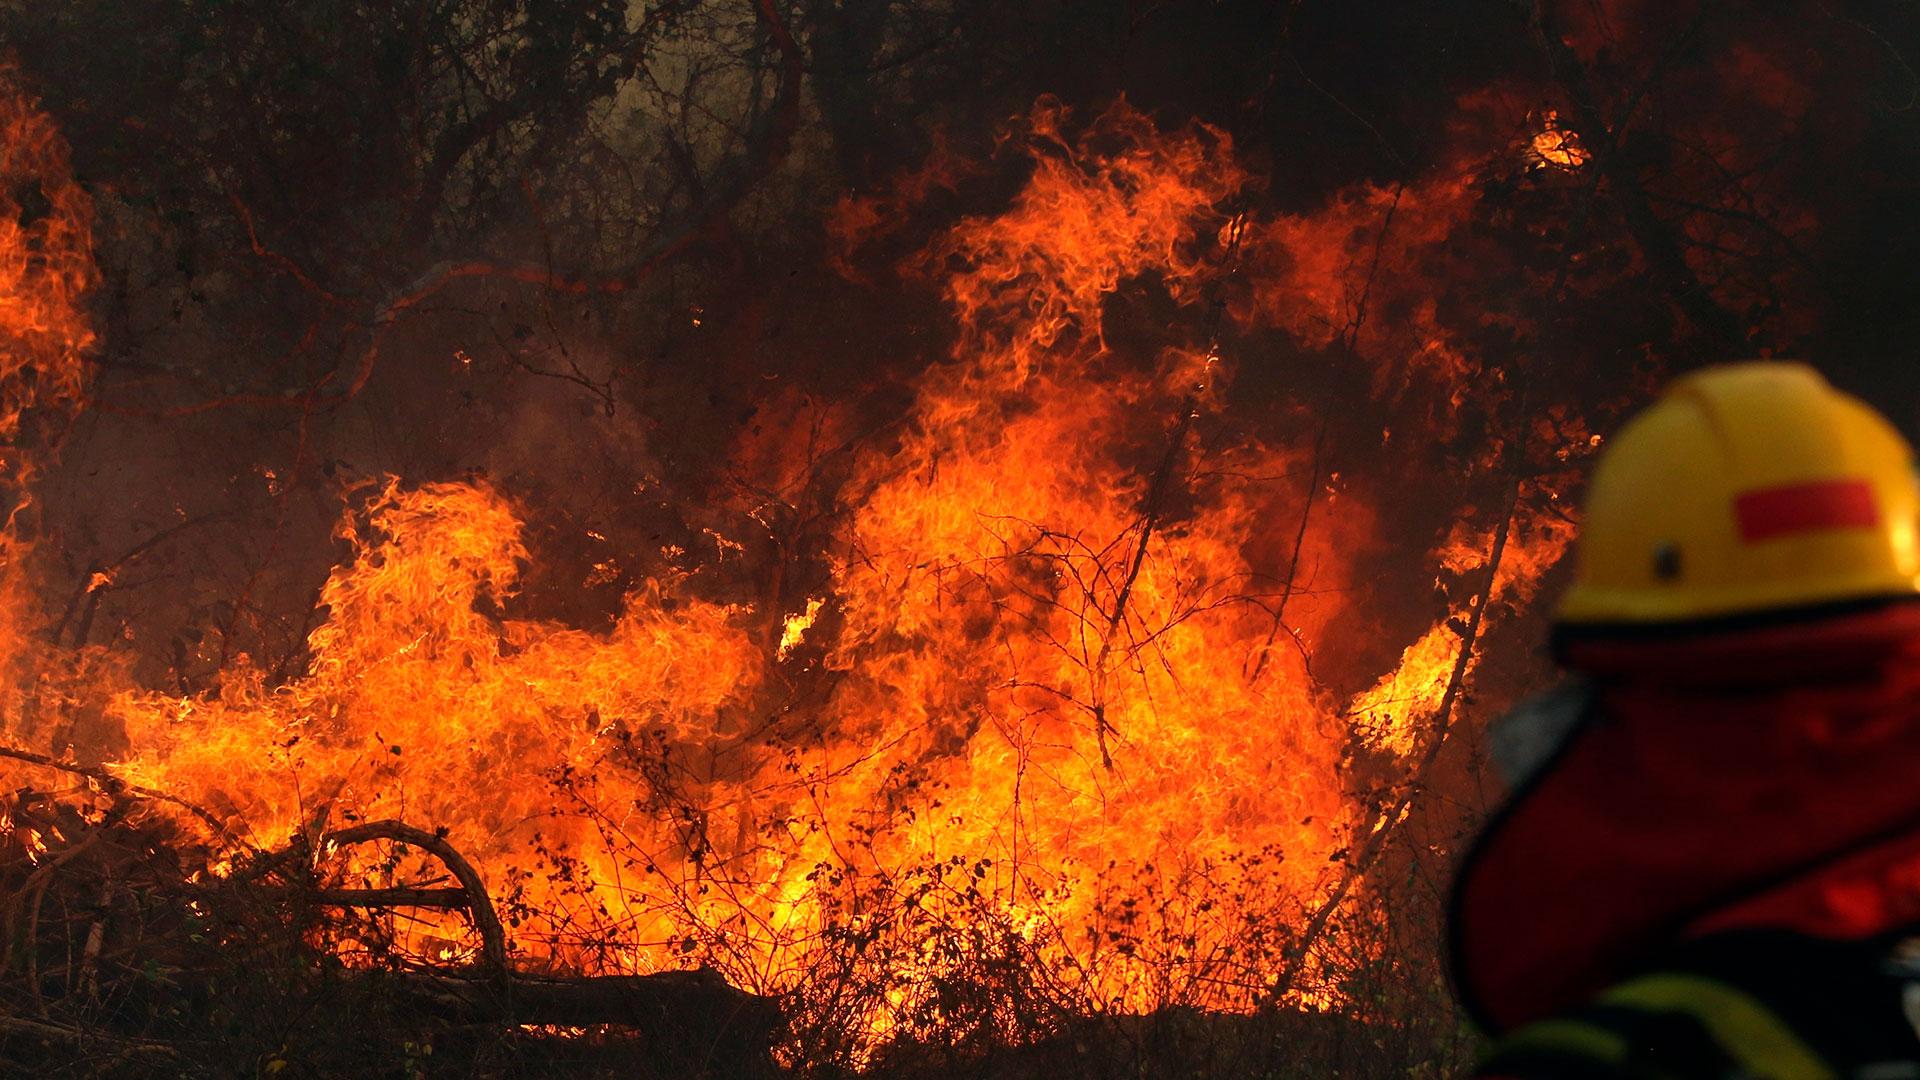 Bolivia reporta 26 incendios forestales, 17 están en el departamento de Santa Cruz